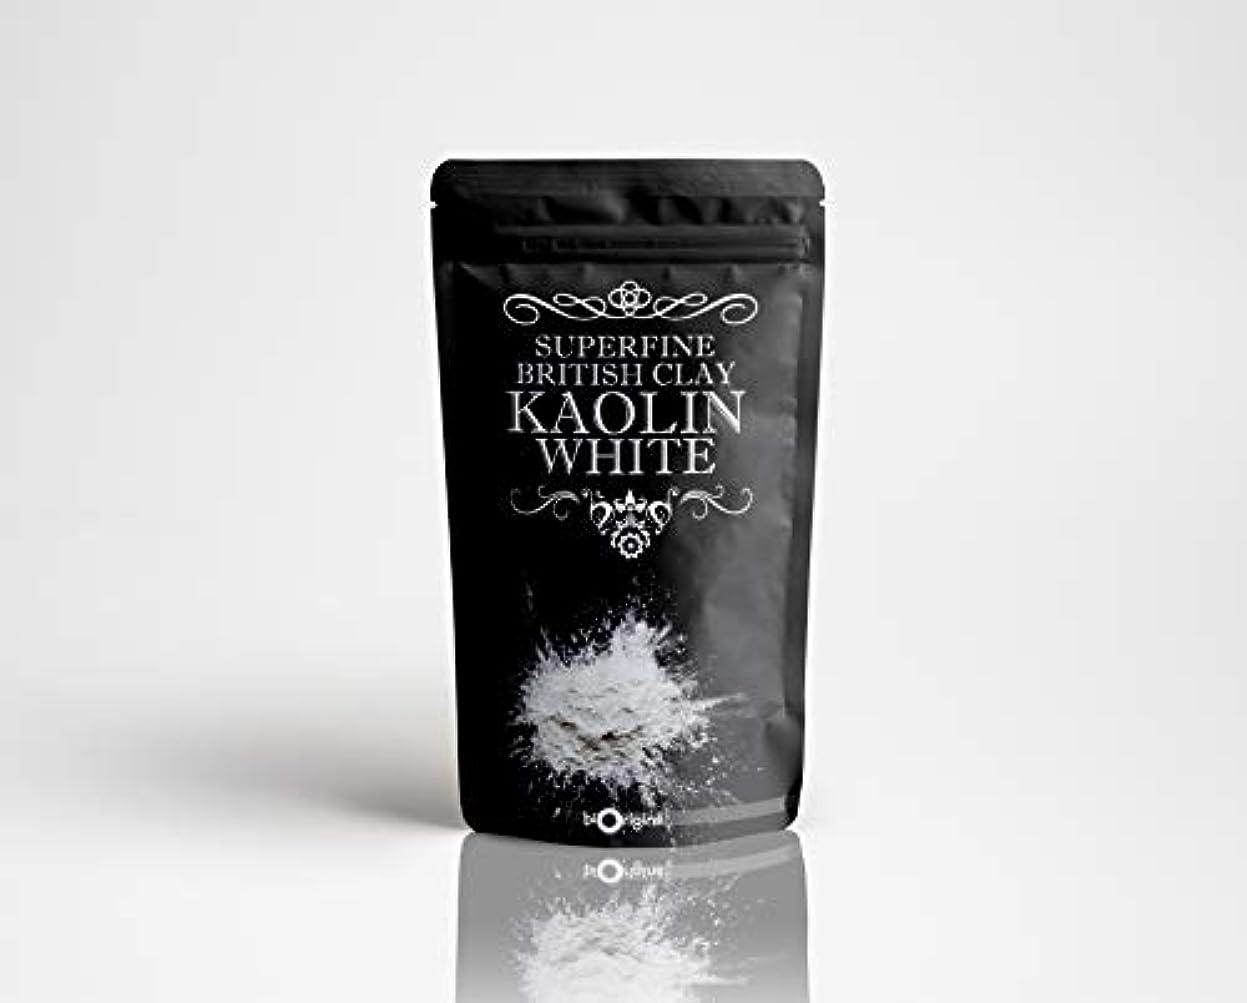 あえぎアソシエイト姿勢Kaolin White Superfine British Clay - 100g